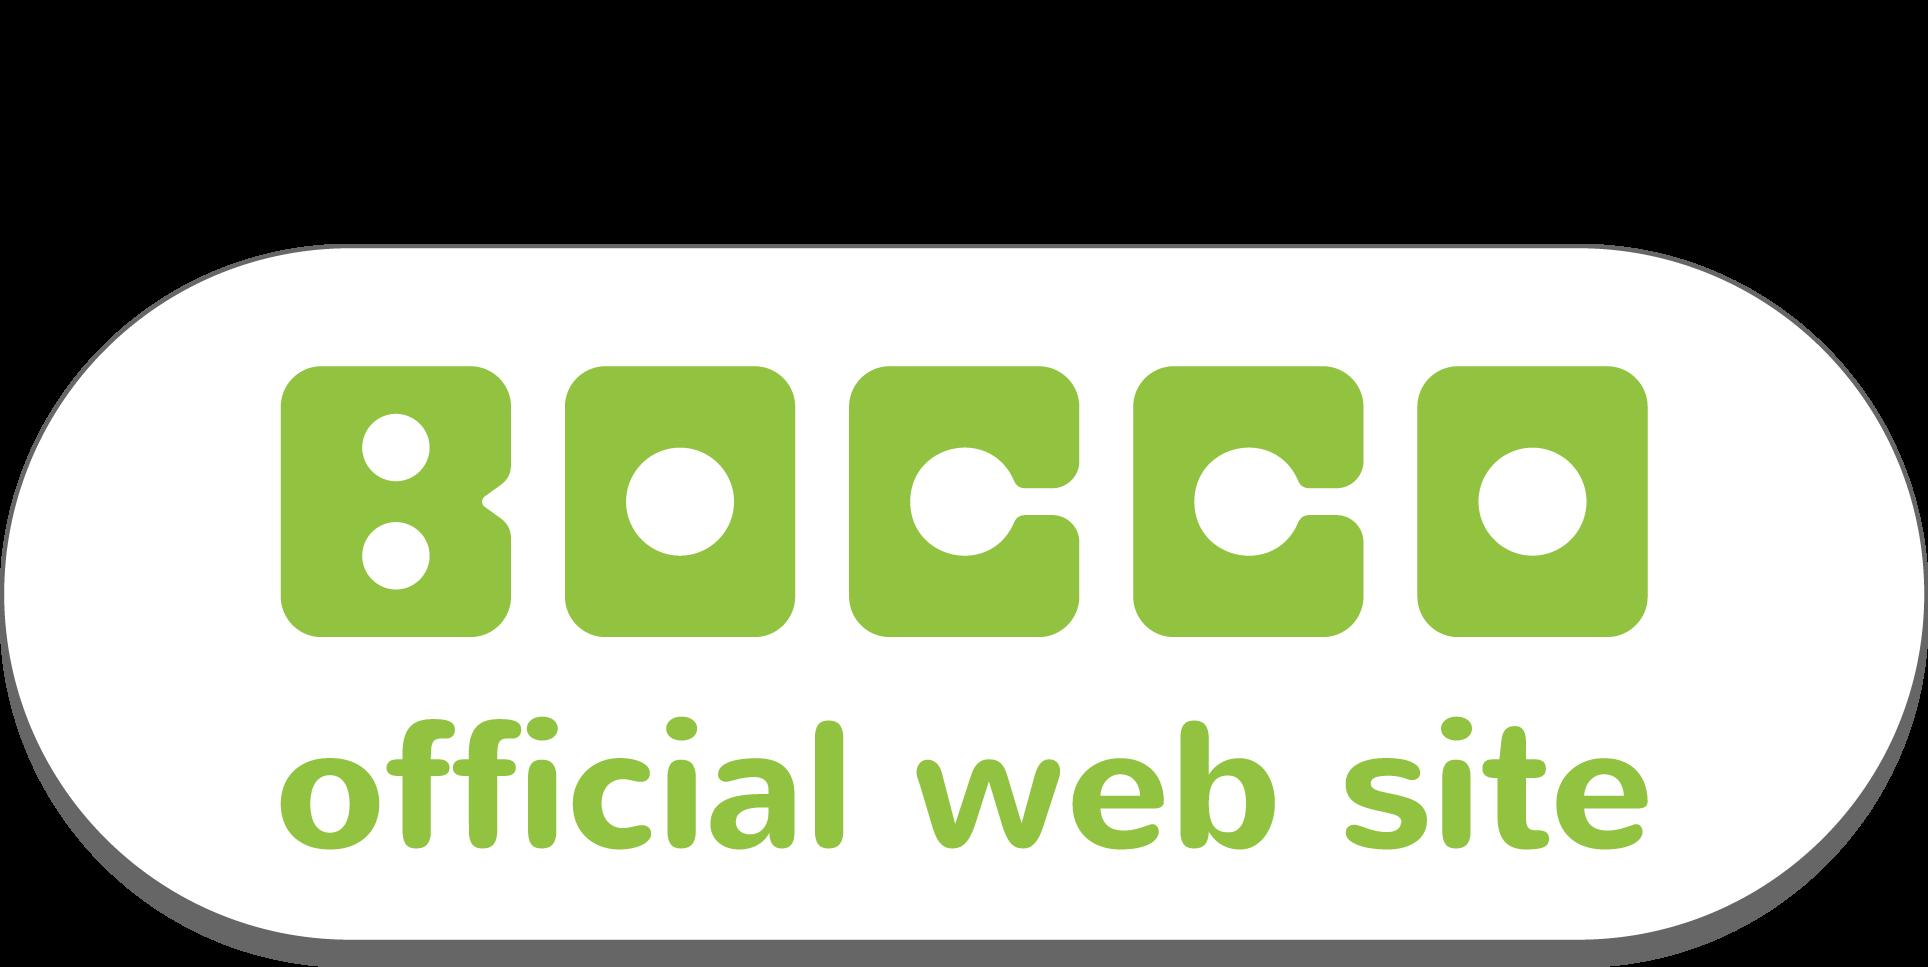 bocco_web